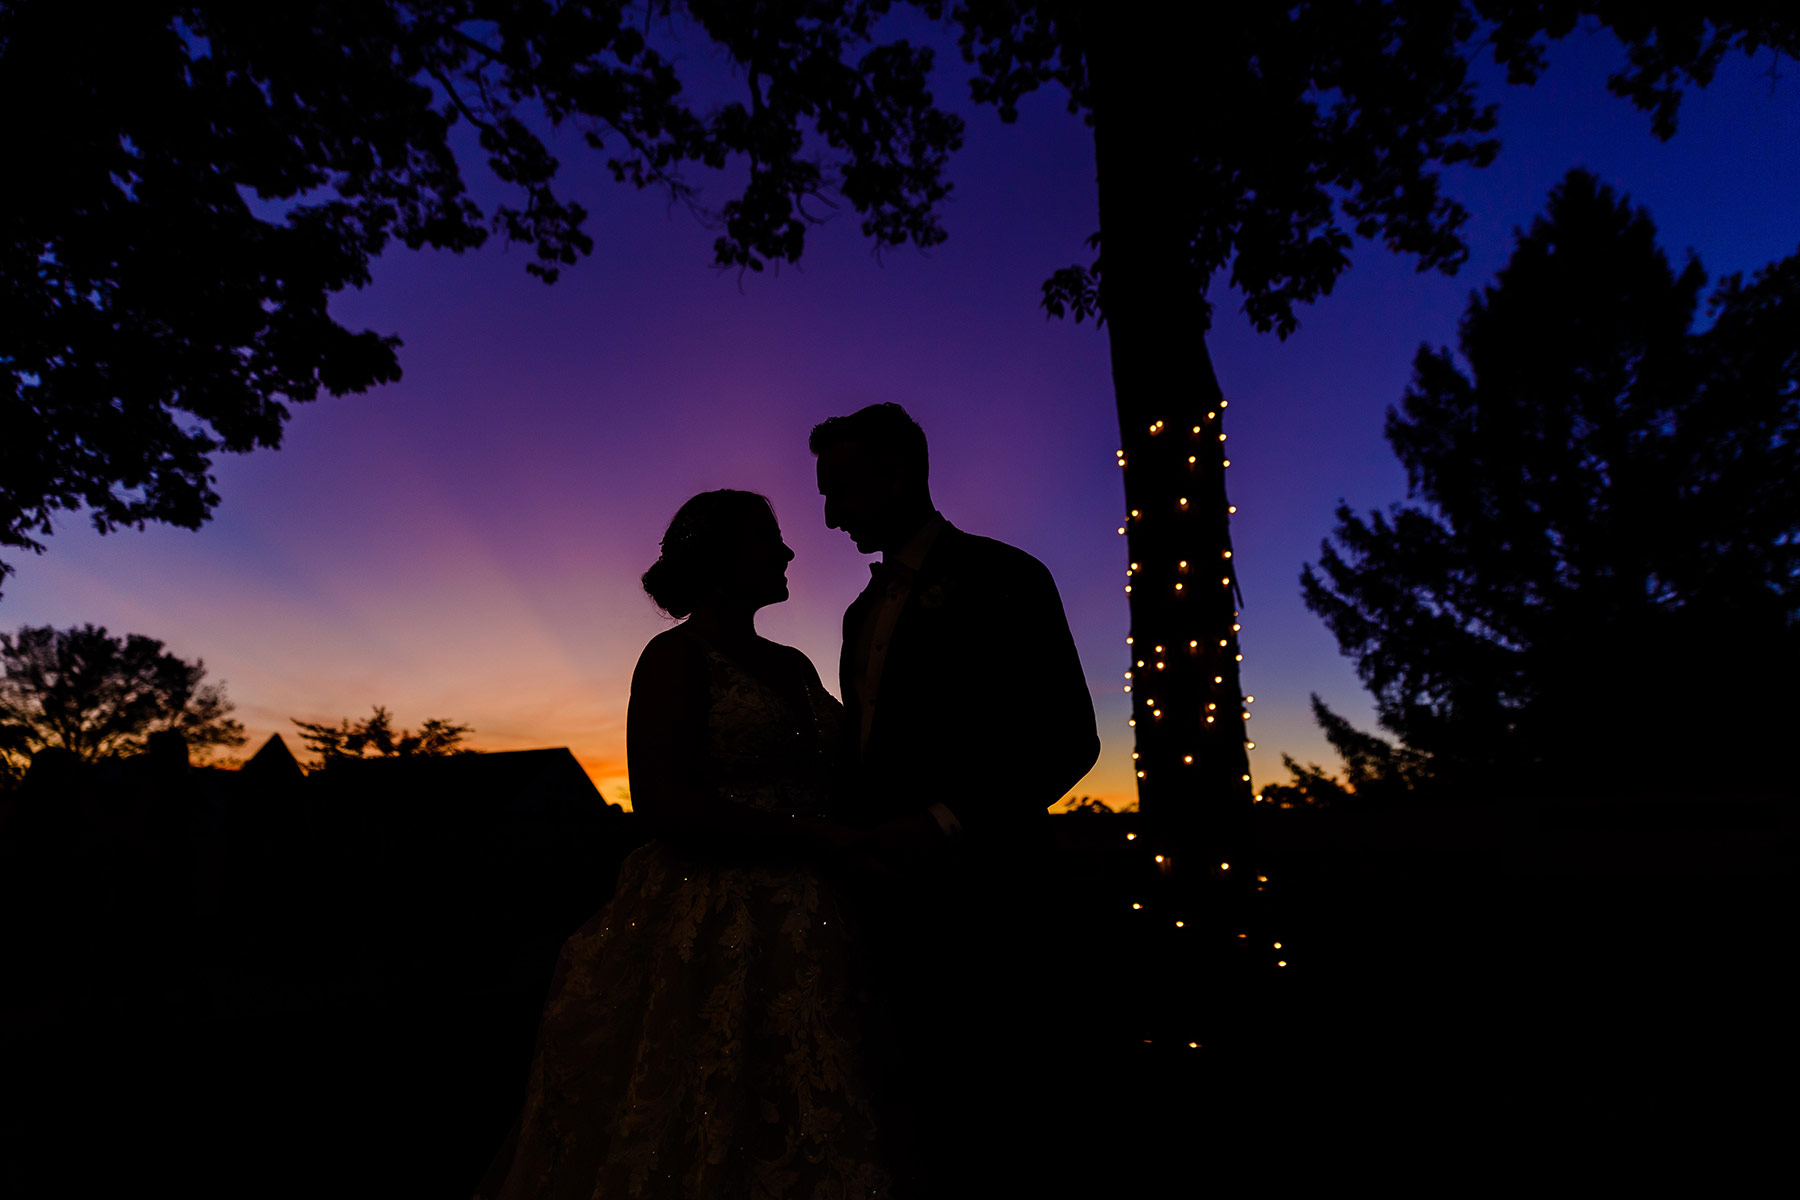 Sunset-wedding